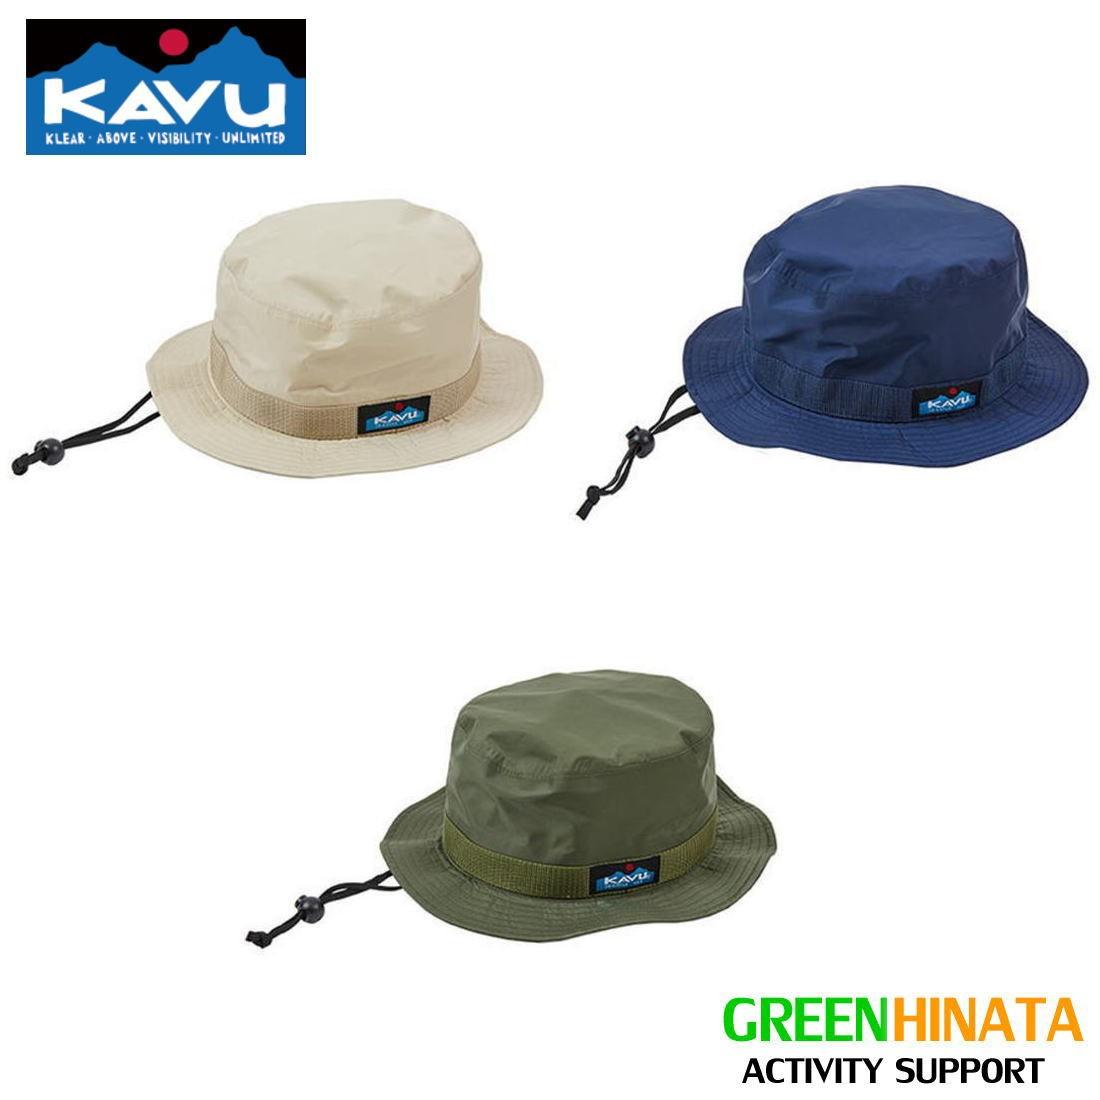 【国内正規品】 カブー Jバケットハット 帽子 KAVU J-Bucket Hat 軽量 速乾 ハット